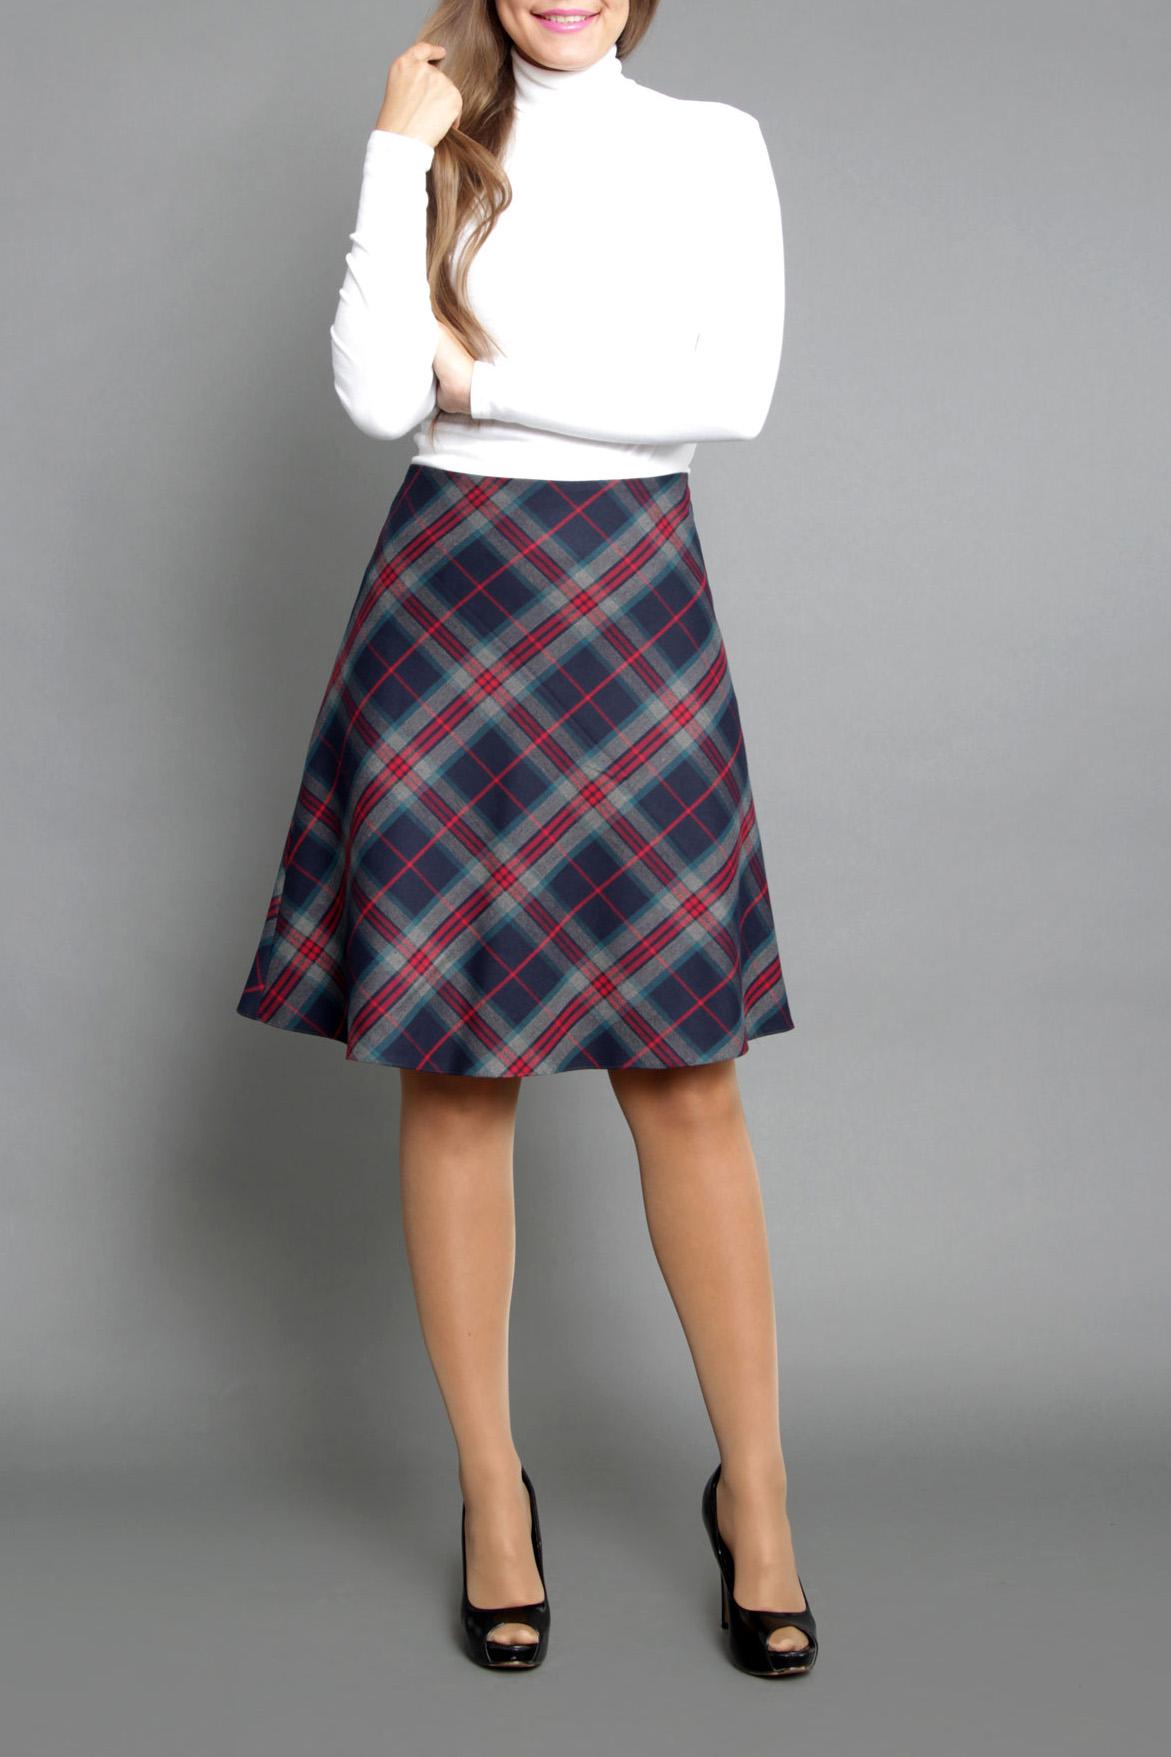 ЮбкаЮбки<br>Женская юбка, расклешенная от пояса к низу, на подкладке с обтачным поясом. Застежка расположена по боковому шву на потайную тесьму молнию. Расположение разноцветных клеток по кассой диагонали, простота, а также идеальная посадка, делает данную модель незаменимой в Вашем гардеробе  Цвет: синий, красный, белый  Длина юбки 60 см.  Ростовка изделия 170 см.<br><br>По длине: До колена<br>По материалу: Тканевые,Шерсть<br>По образу: Город,Офис,Свидание<br>По рисунку: Геометрия,С принтом,Цветные,В клетку<br>По силуэту: Полуприталенные<br>По стилю: Офисный стиль,Повседневный стиль<br>По форме: Юбка-солнце<br>По элементам: С завышенной талией<br>По сезону: Осень,Весна<br>Размер : 44,46,48<br>Материал: Костюмная ткань<br>Количество в наличии: 3